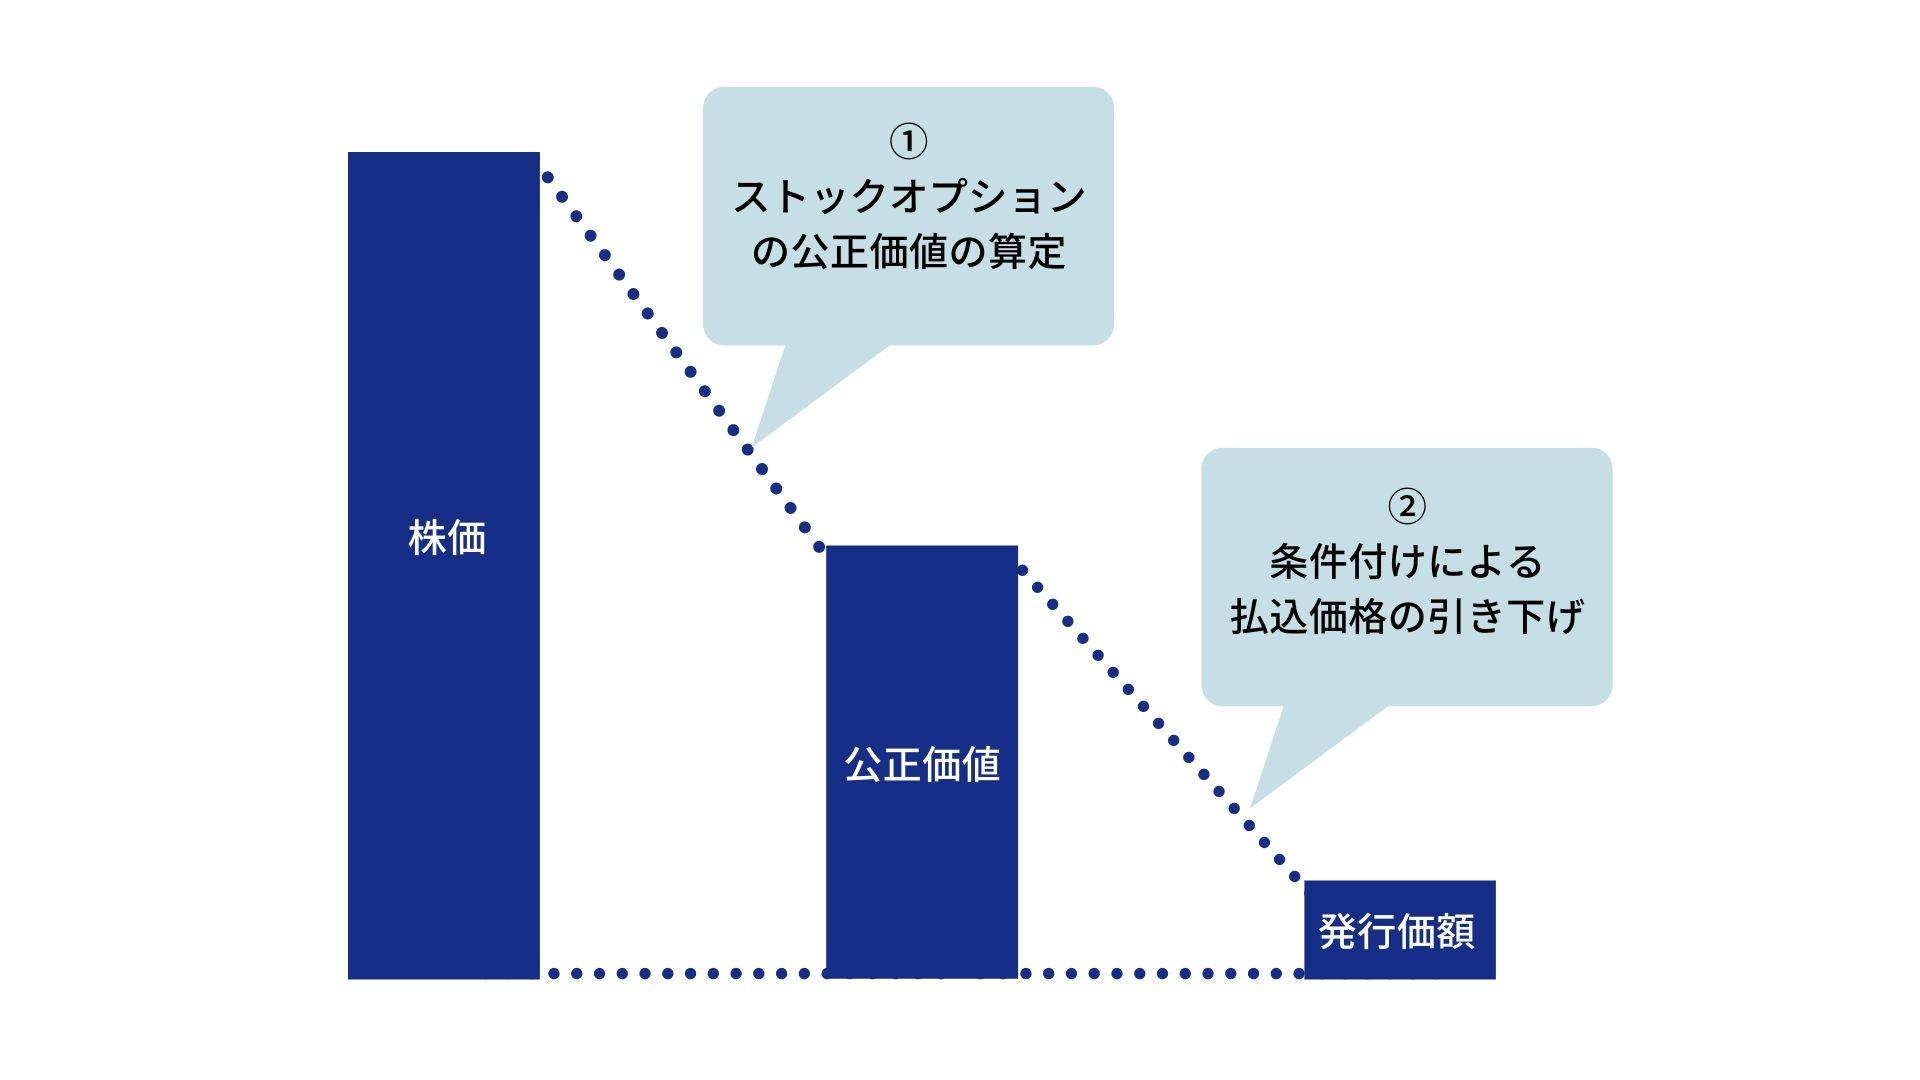 発行価額の説明図